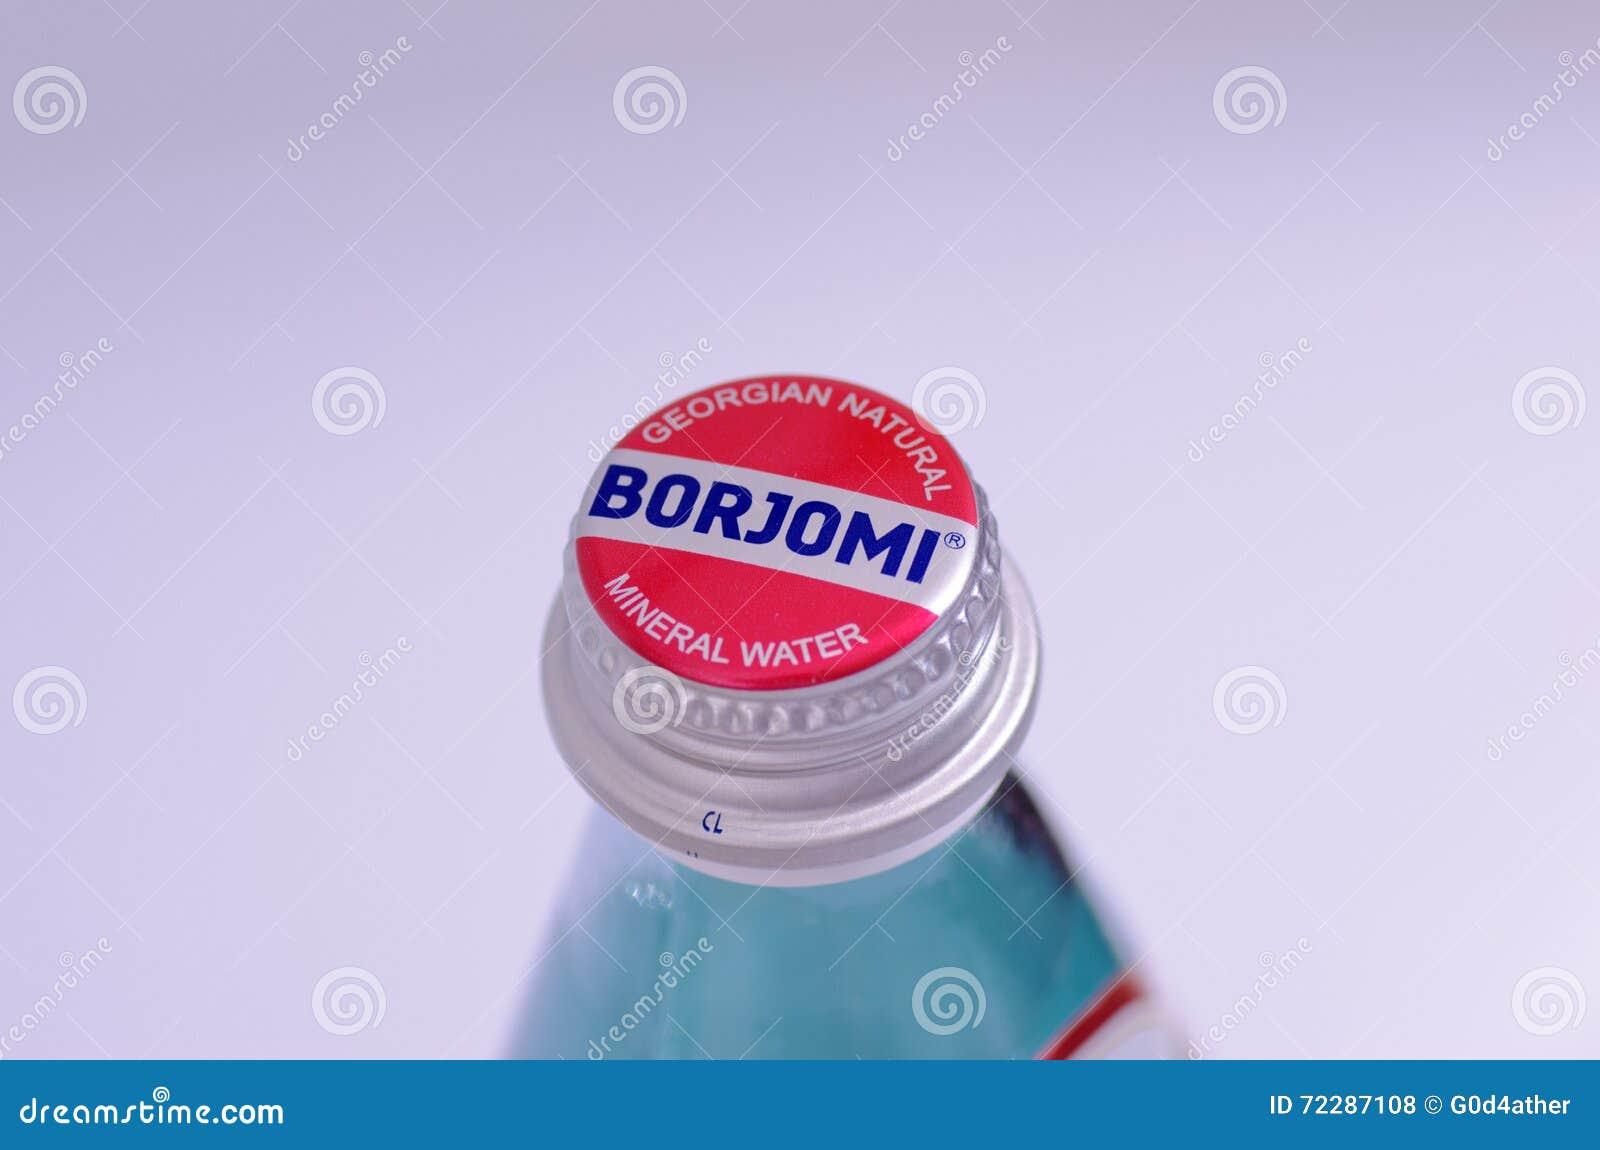 Download Borjomi редакционное стоковое фото. изображение насчитывающей редакционо - 72287108